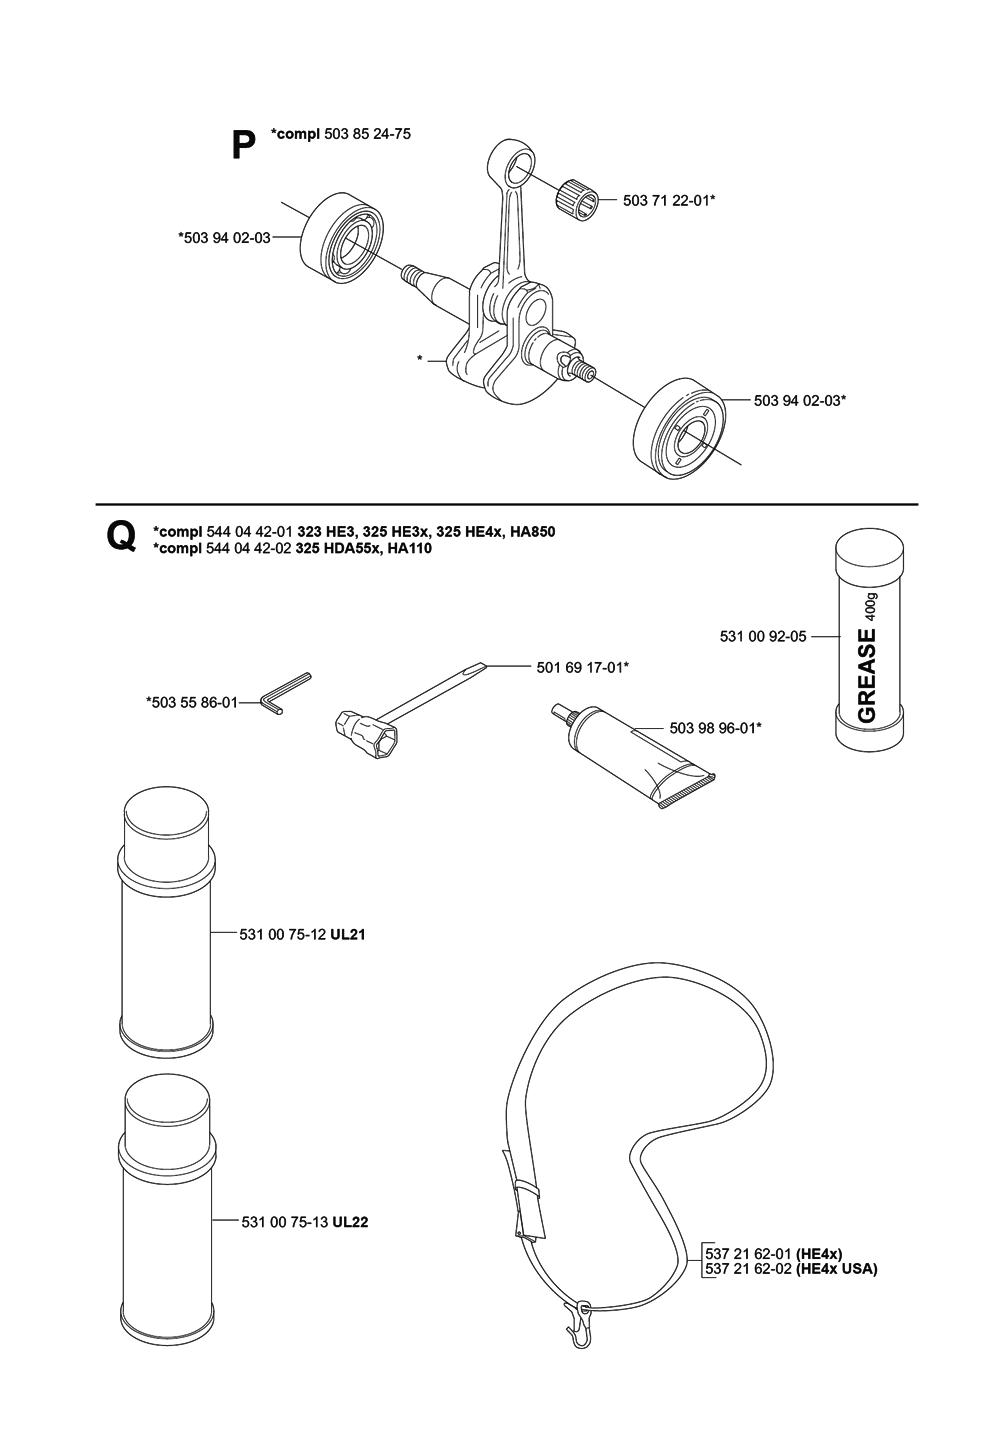 325HE4X-(5440959-02)-Husqvarna-PB-8Break Down